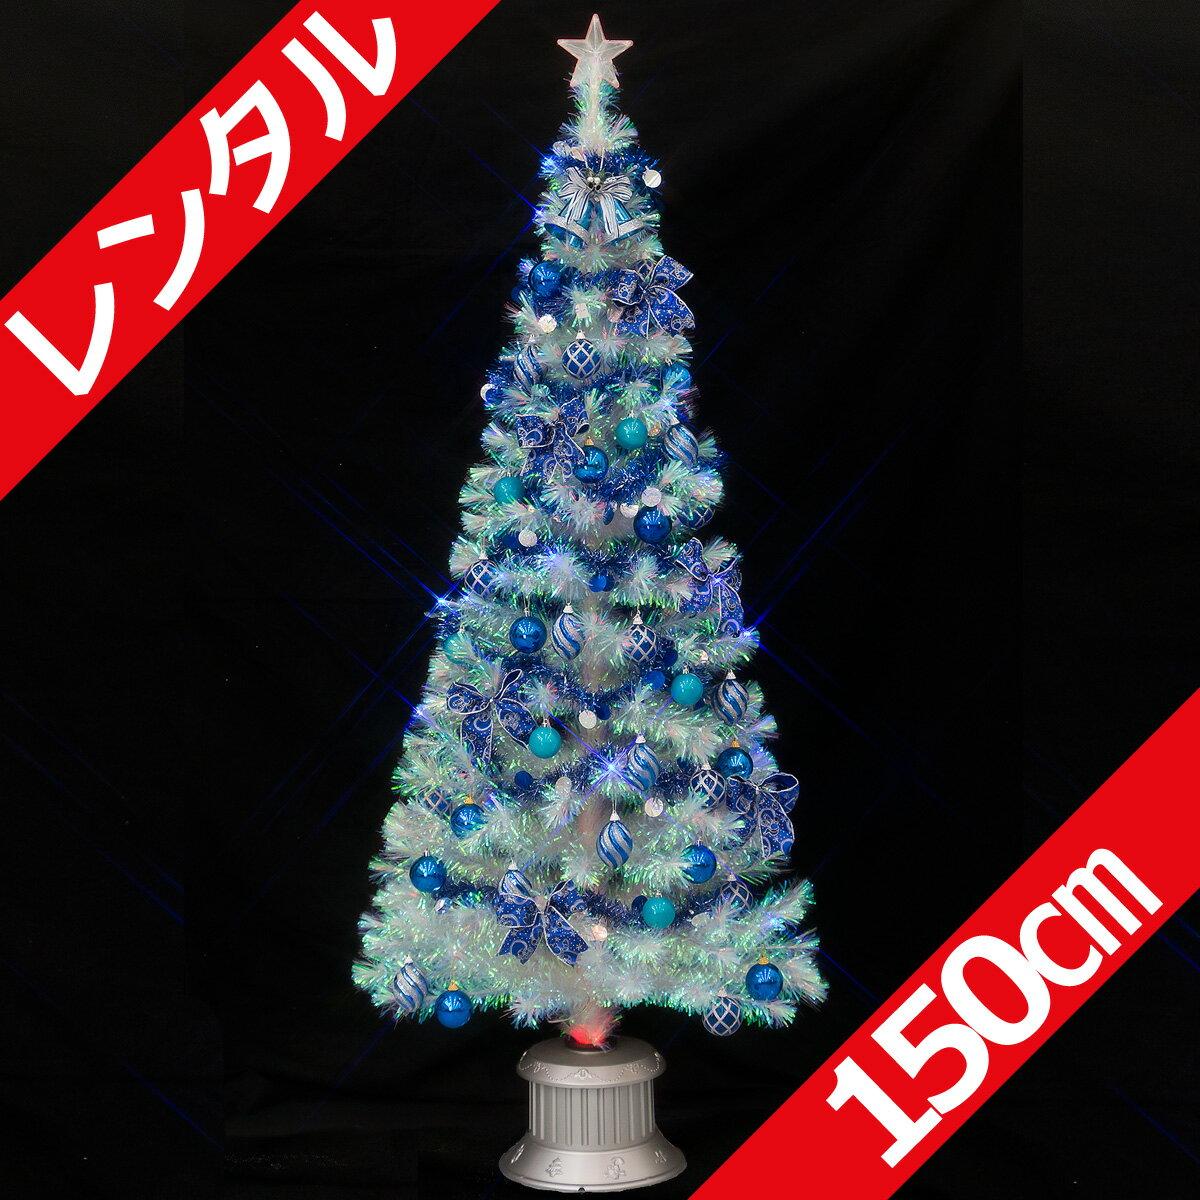 【レンタル】 クリスマスツリー セット 150cm クリア ファイバー ブルー ツリー 【往復 送料無料】 クリスマスツリー レンタル fy16REN07